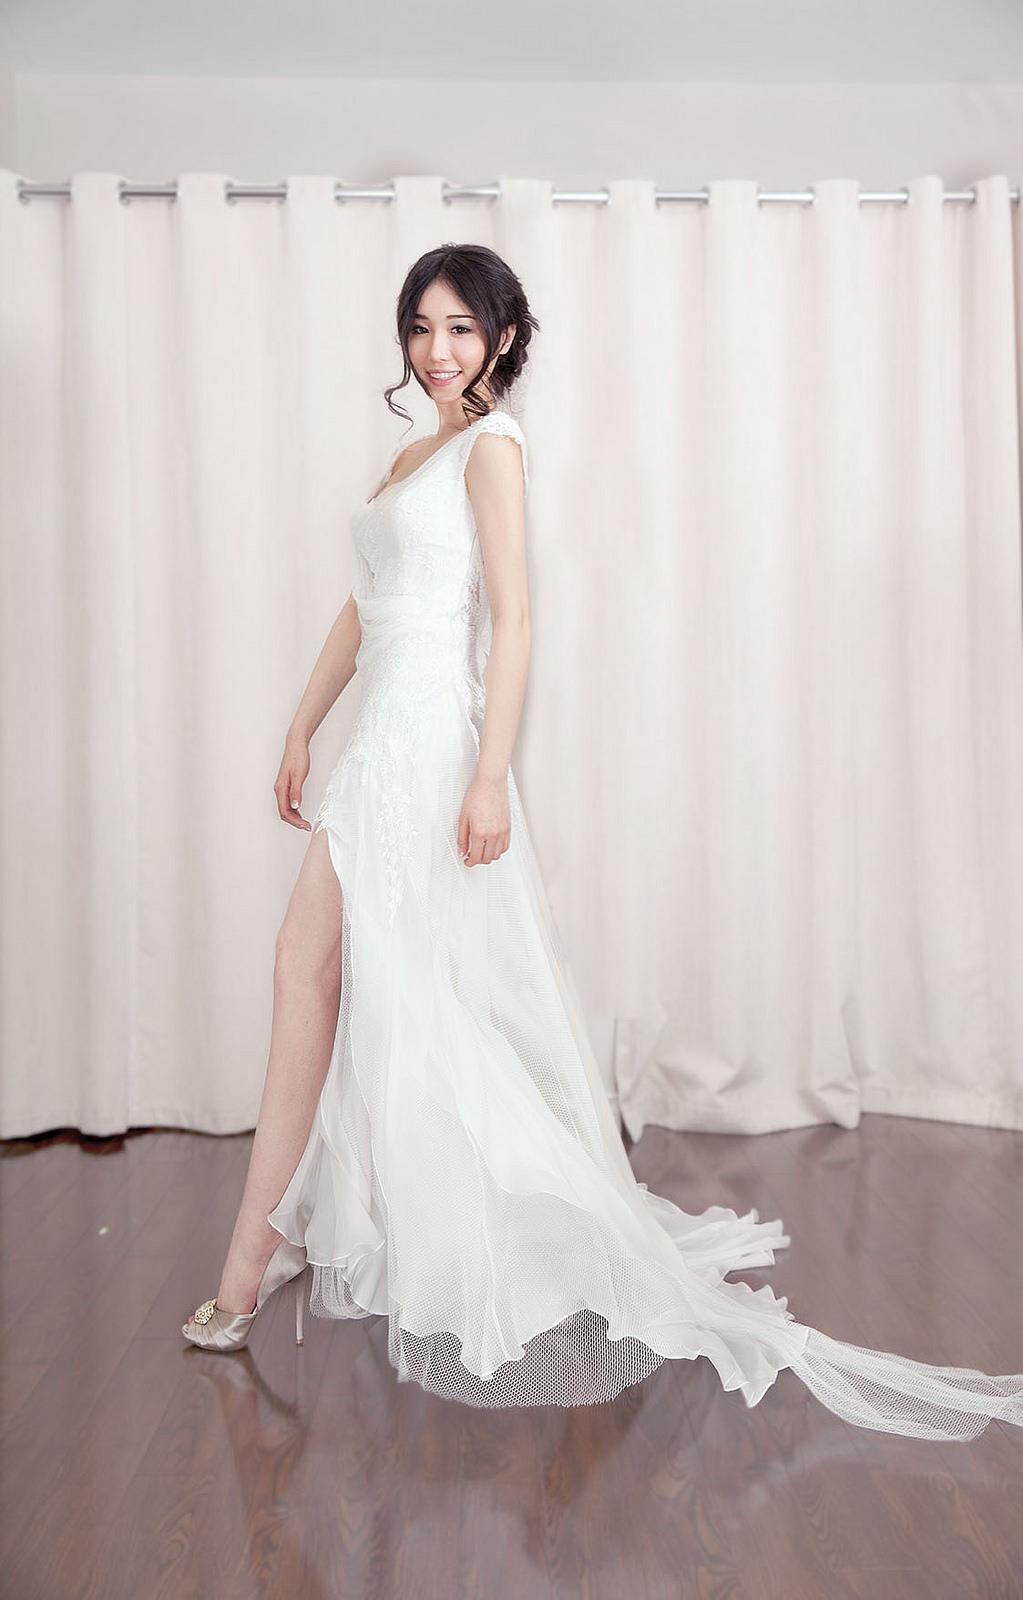 wybor-sukni-slubnej (1)